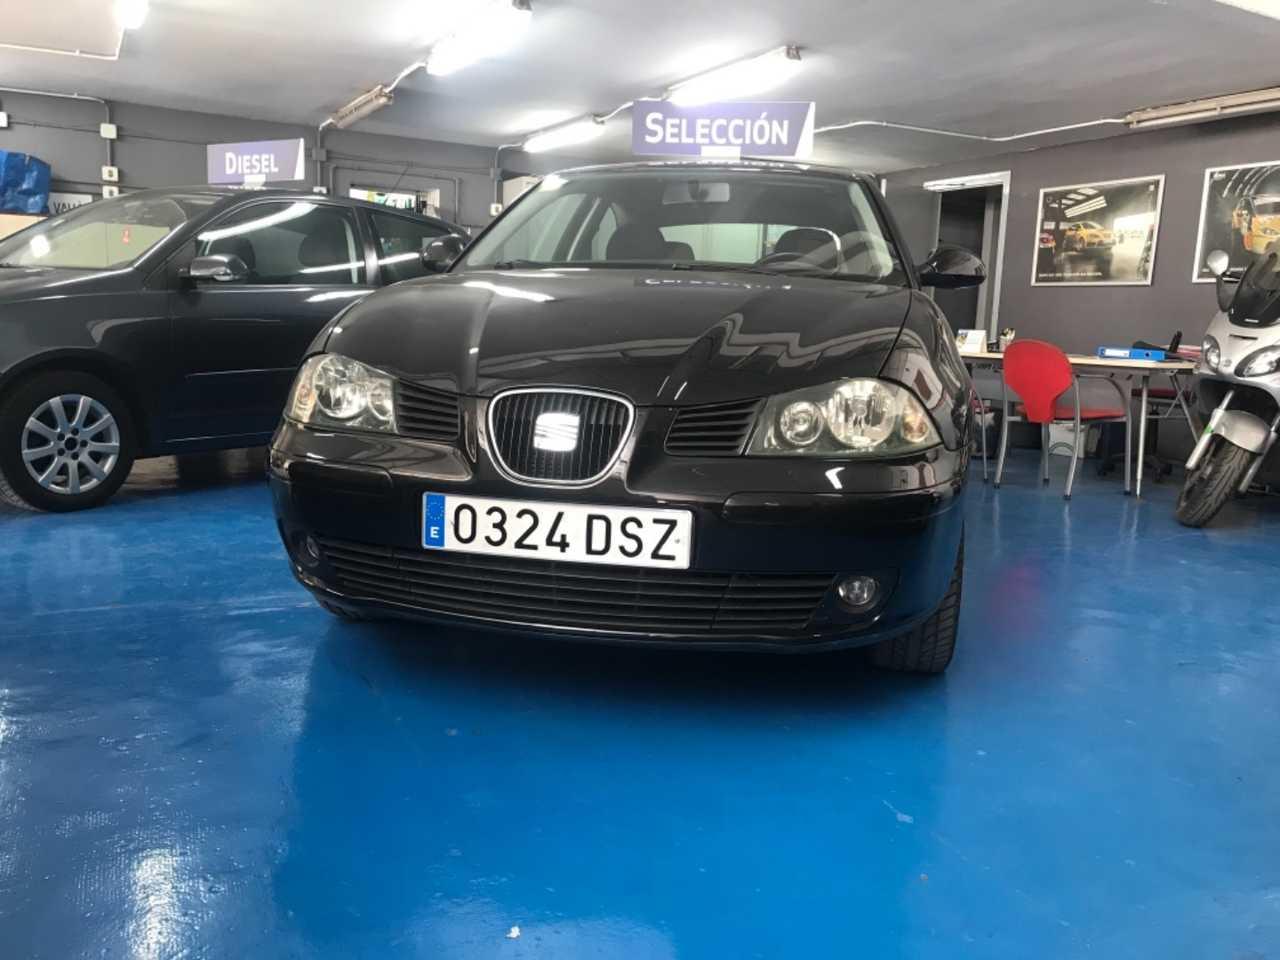 Seat Ibiza 1.4 sport 1.4 Sport  - Foto 1